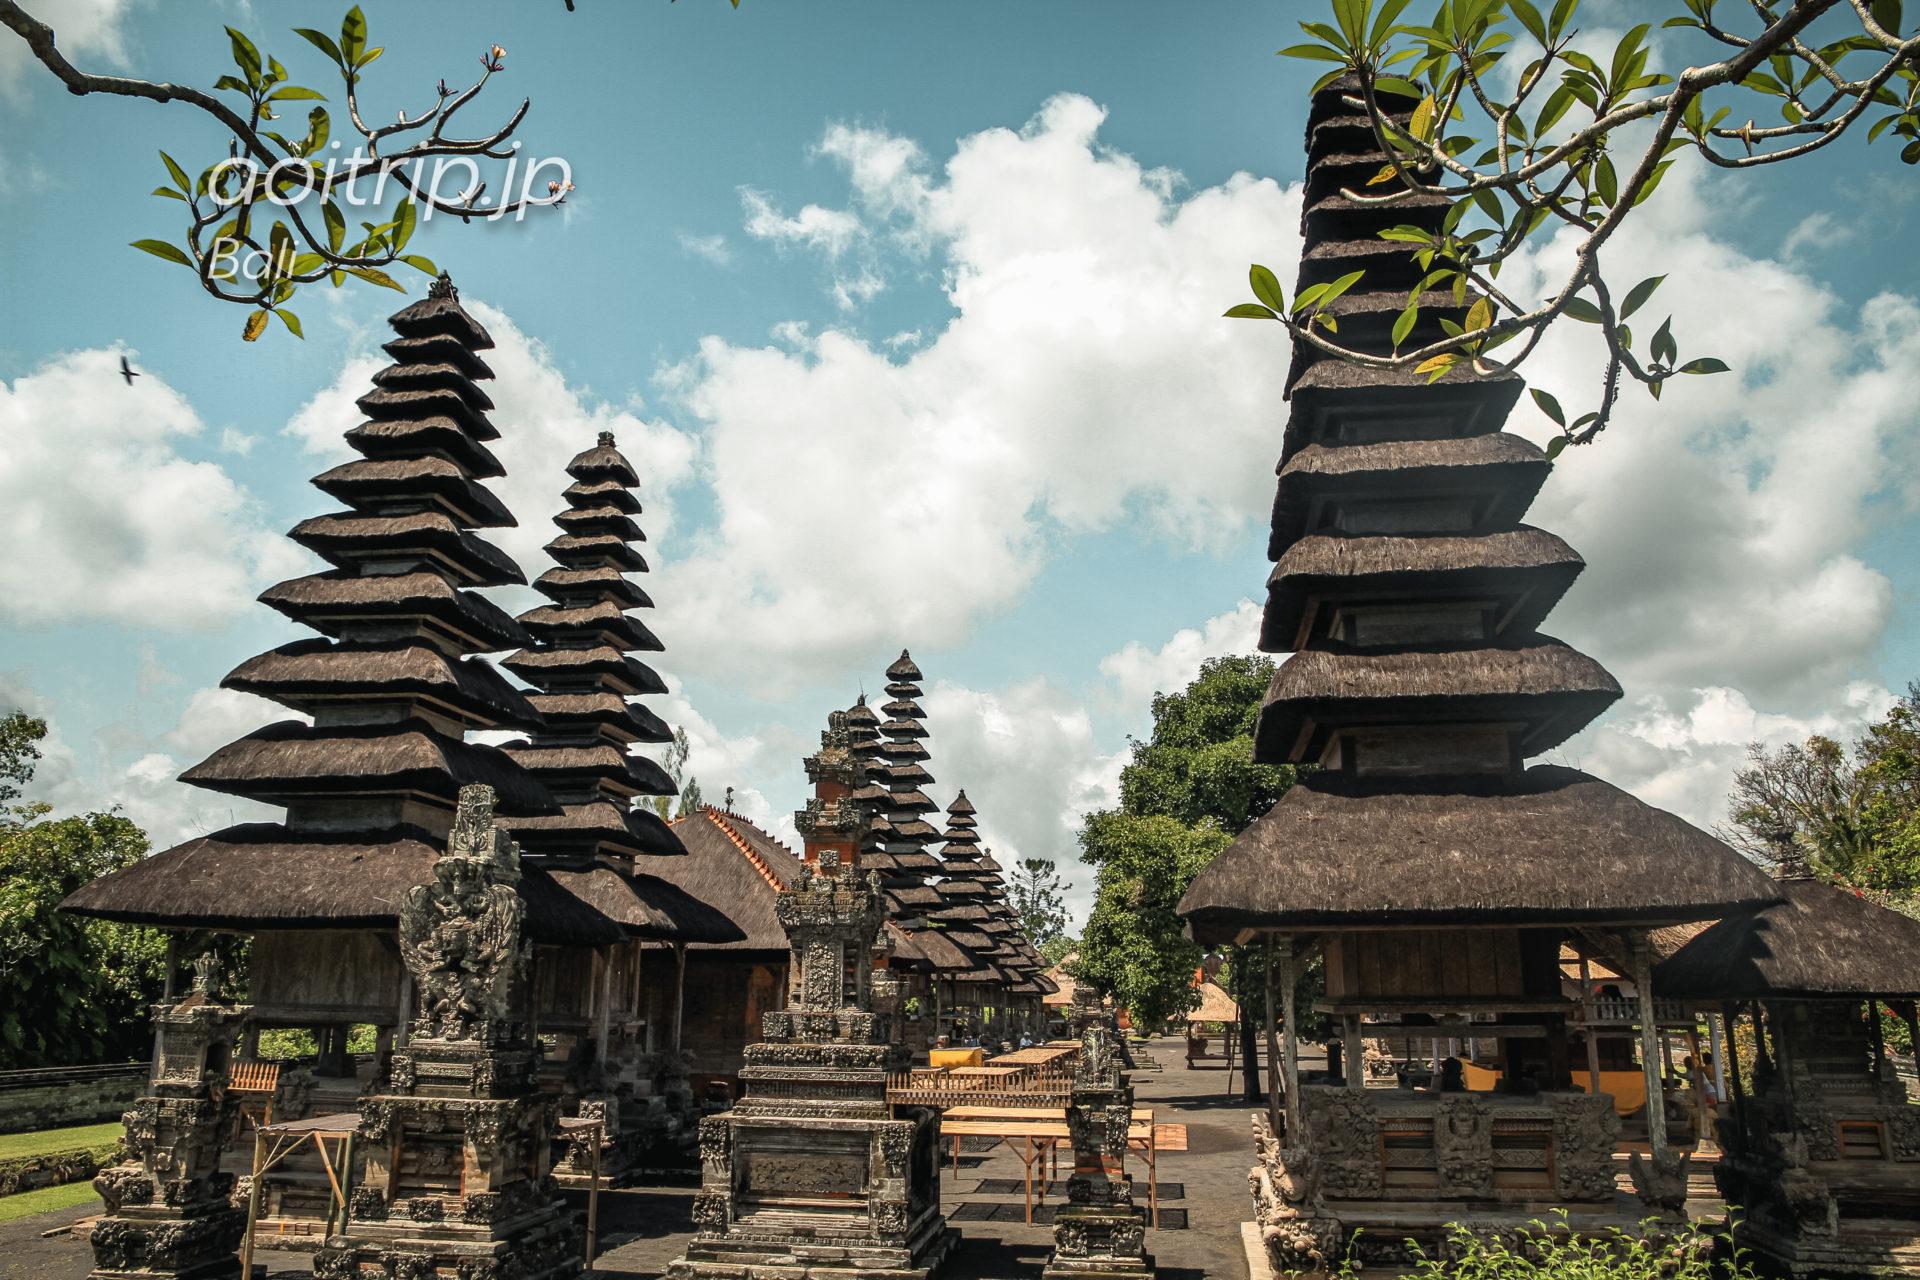 タマン アユン寺院(Pura Taman Ayun)は、